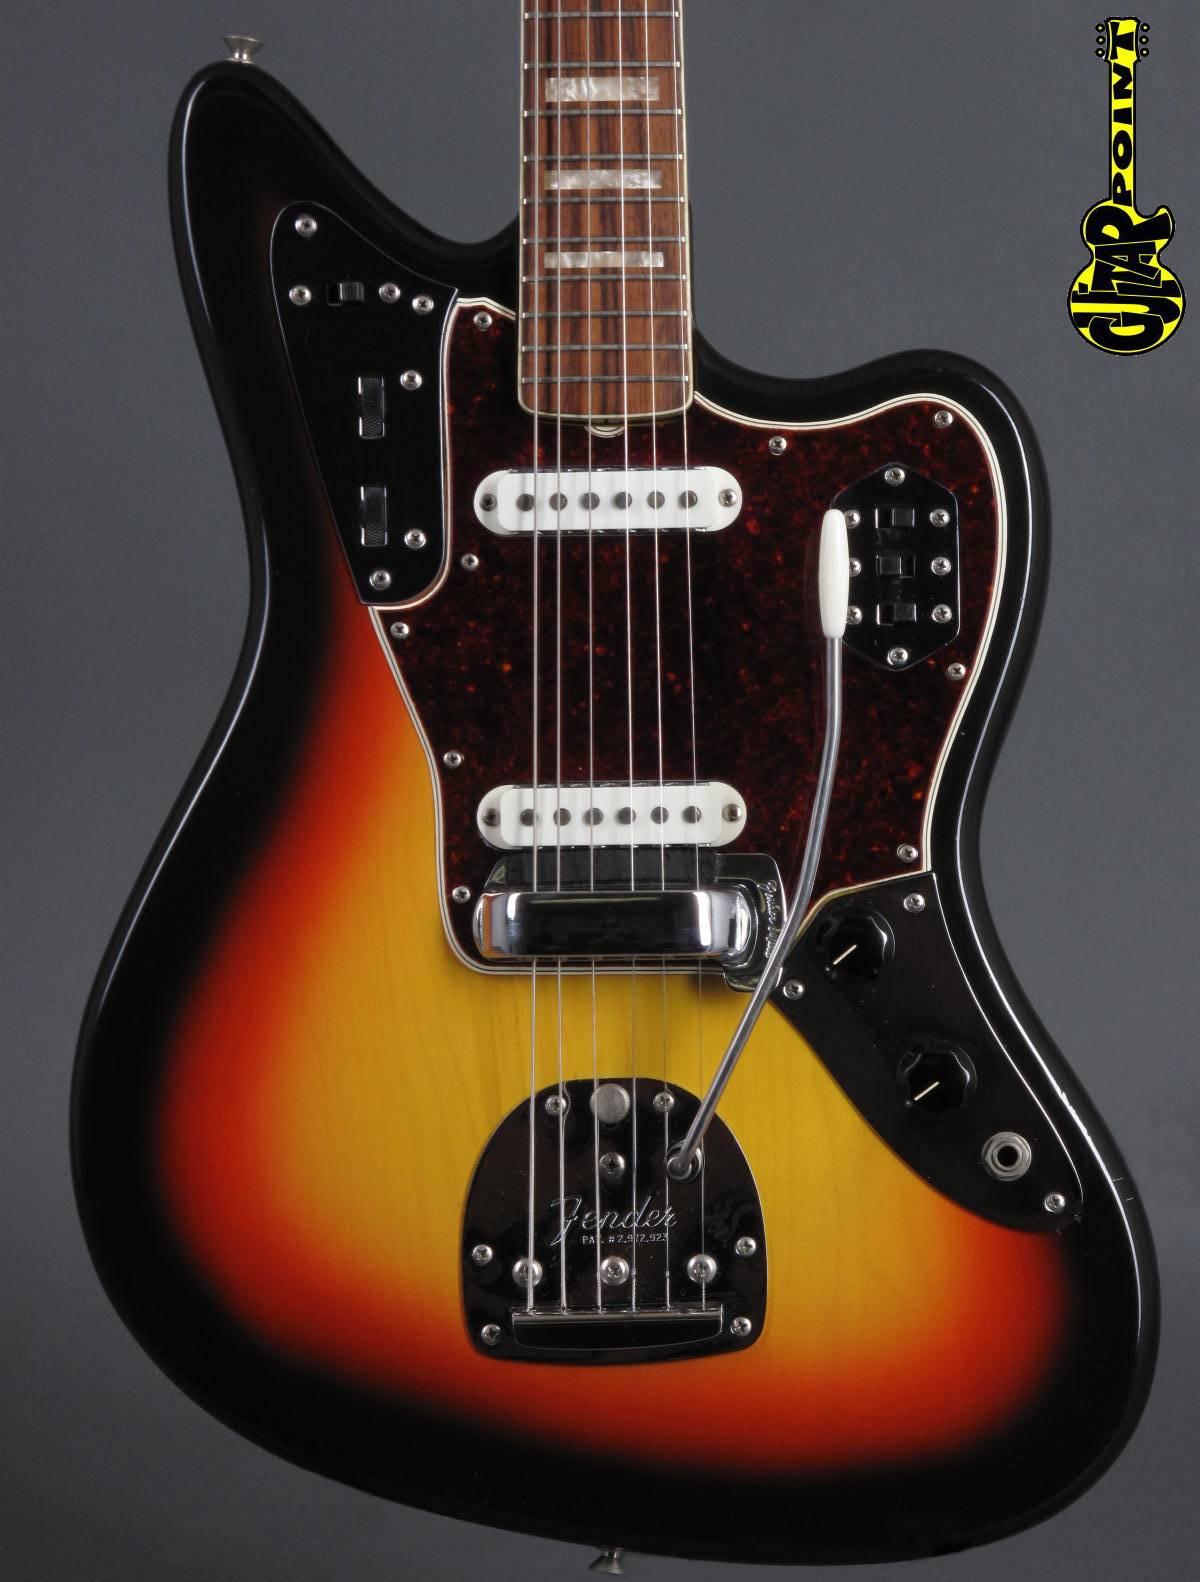 1966 Fender Jaguar in 3-tone Sunburst